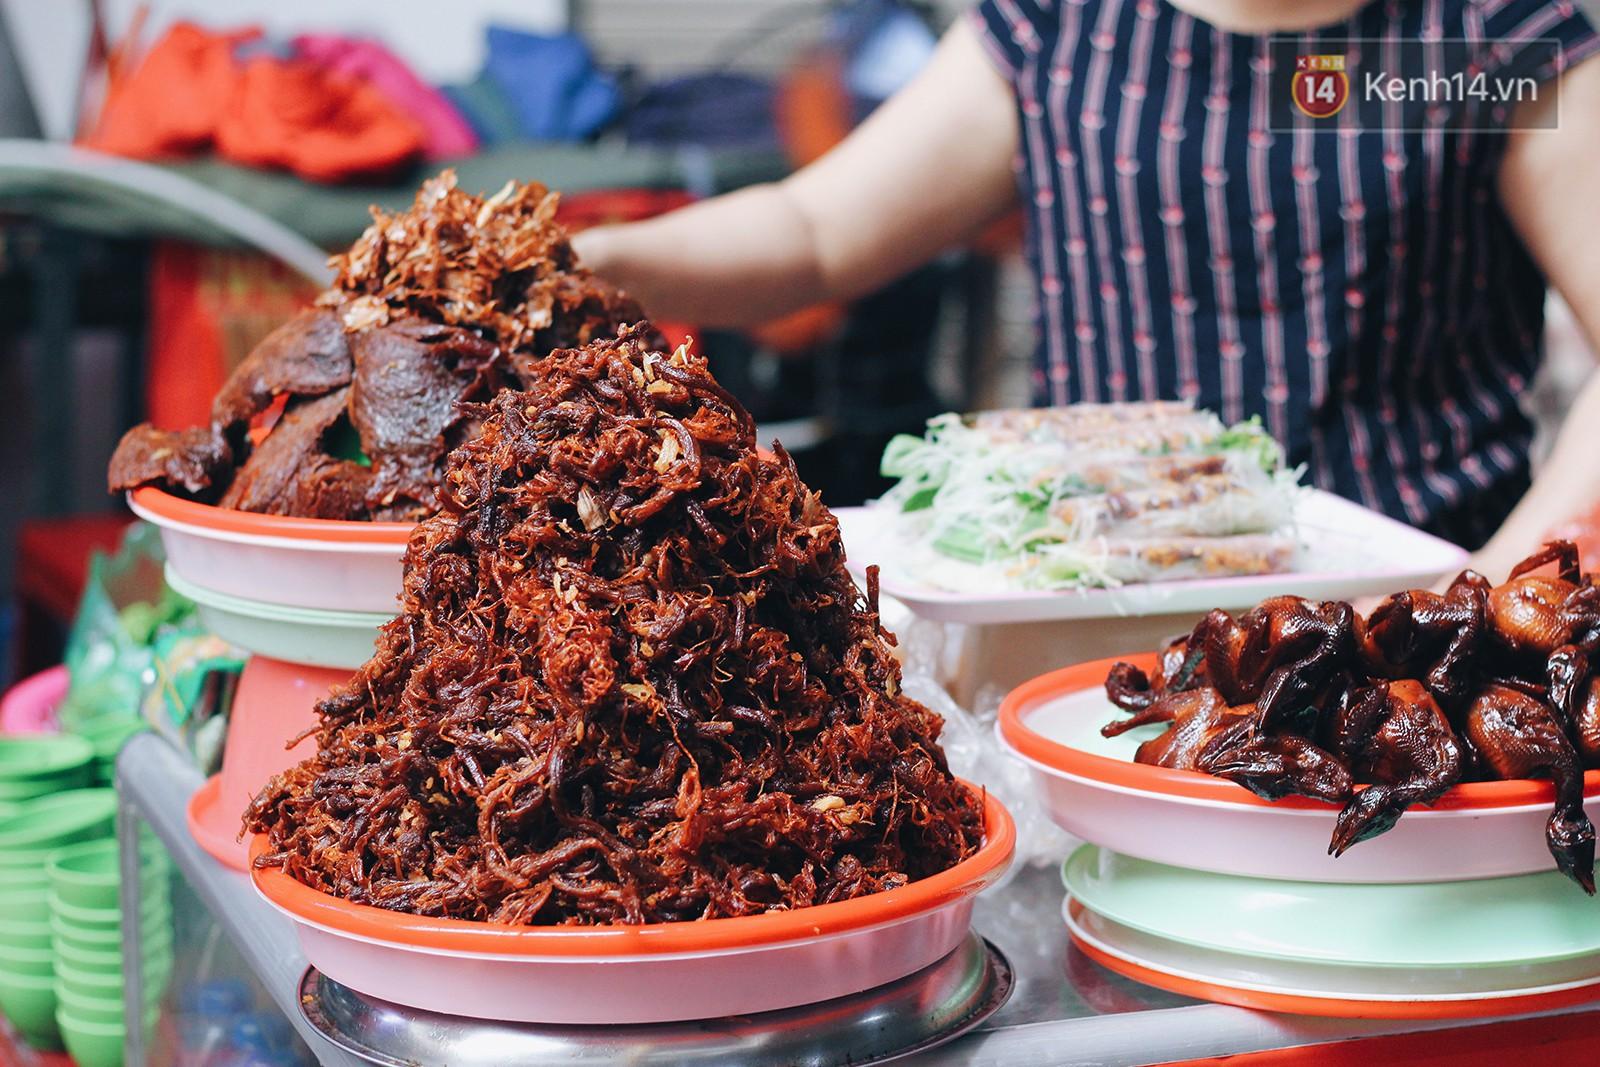 Bên trong khu chợ khét tiếng của Hà Nội là cả một thiên đường ăn uống từ món ăn vặt đến ăn no - Ảnh 7.